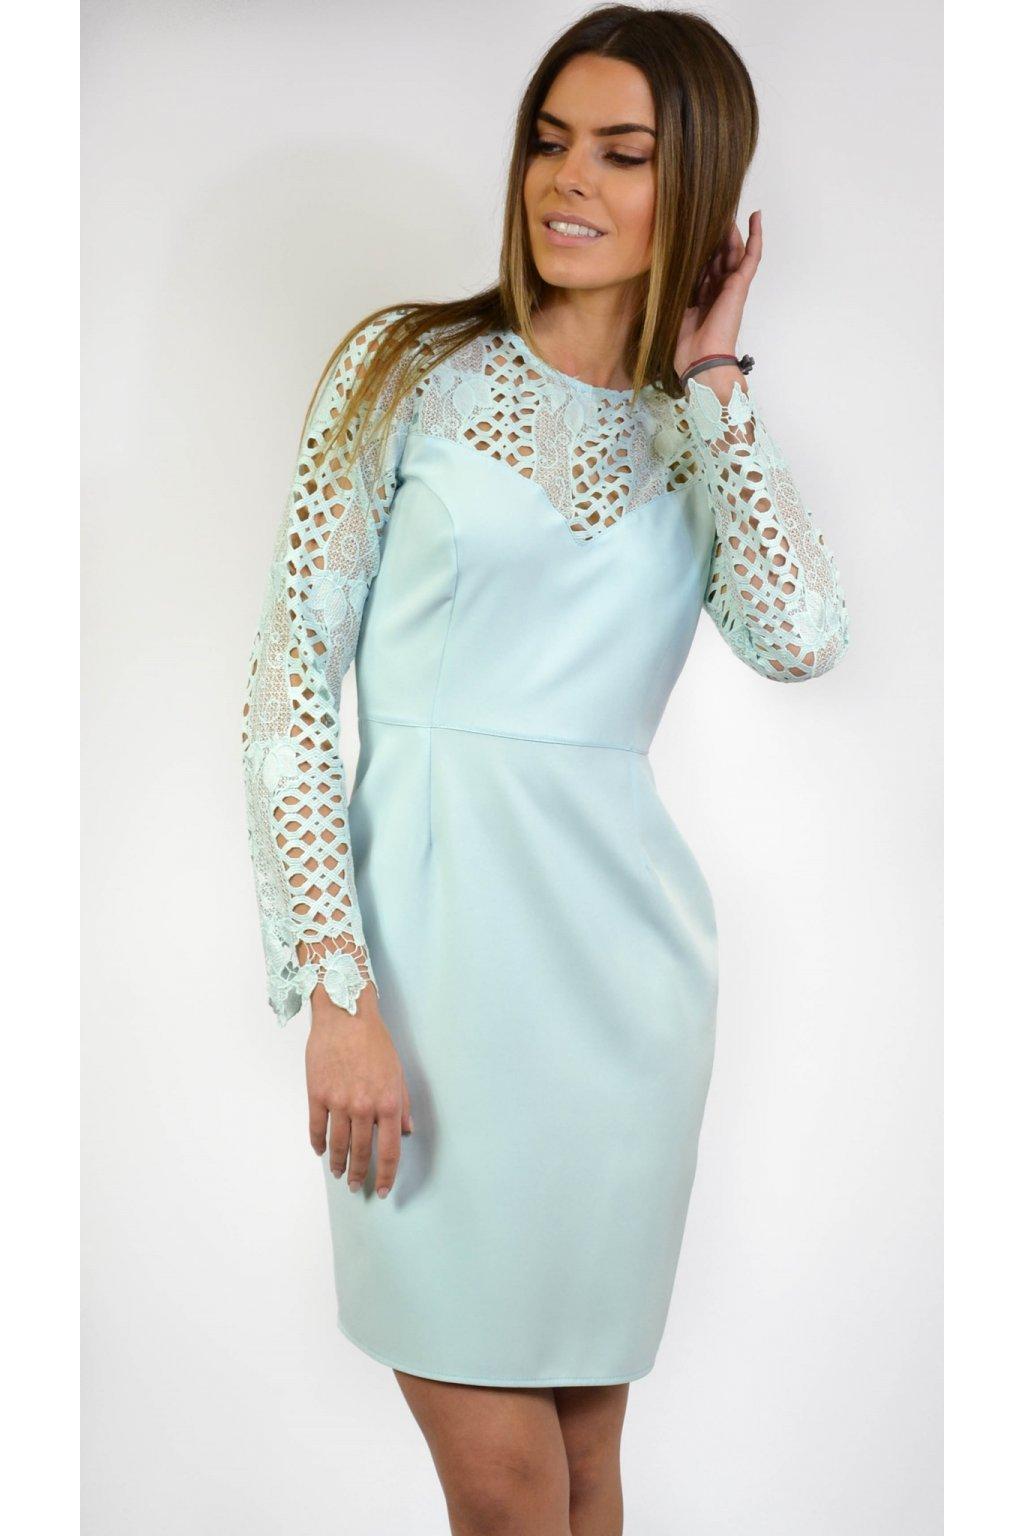 6bbe699b5 Elegantné šaty s čipkou 7000 tyrkysové - Tentation.sk